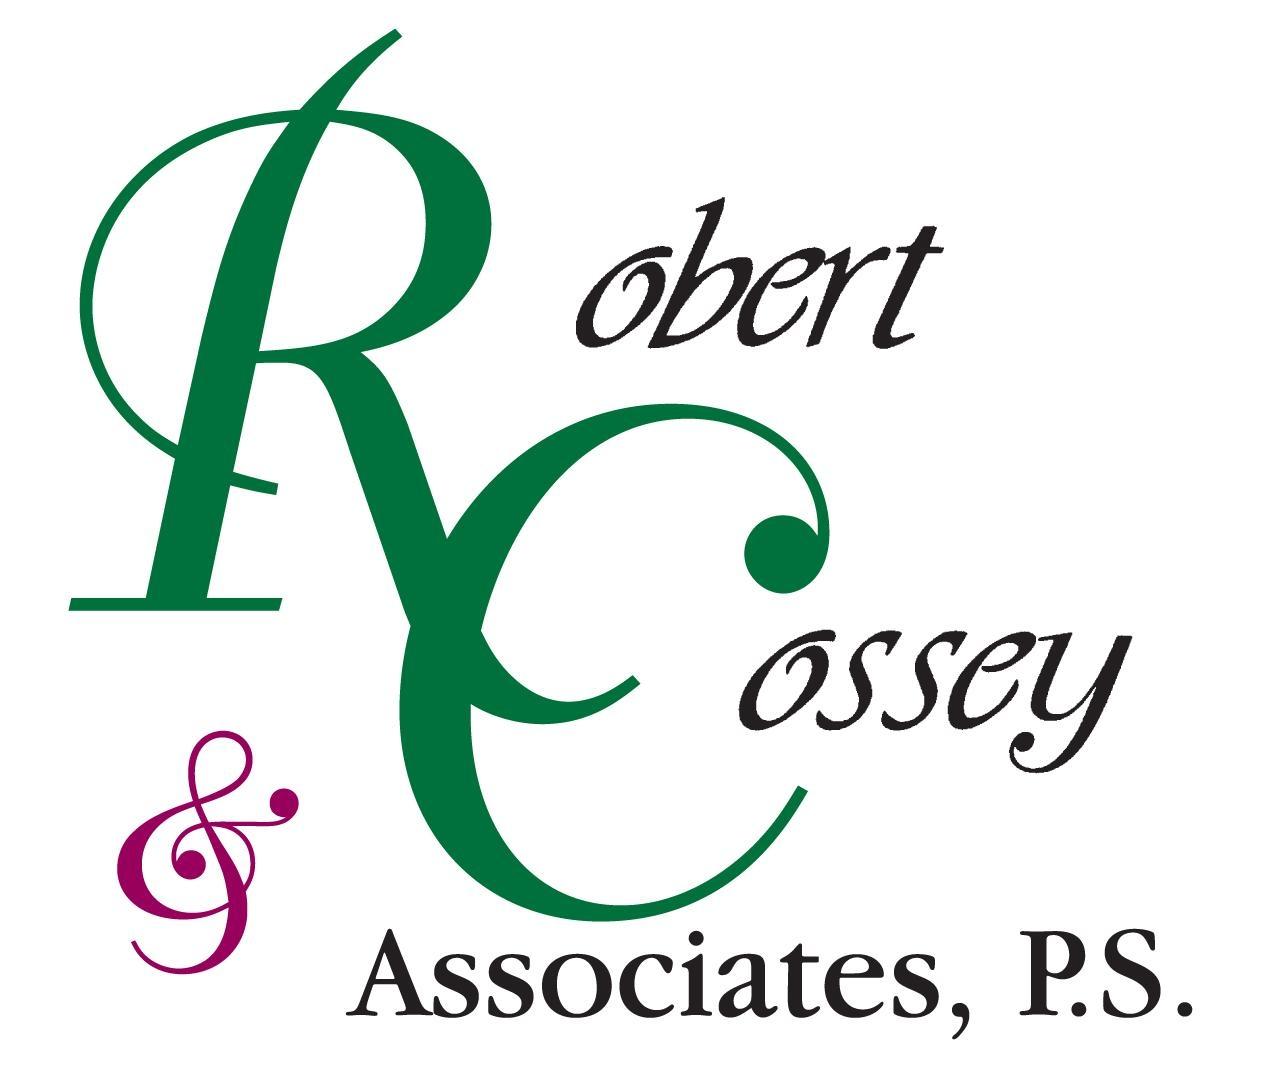 Robert Cossey & Associates, P.S. - ad image